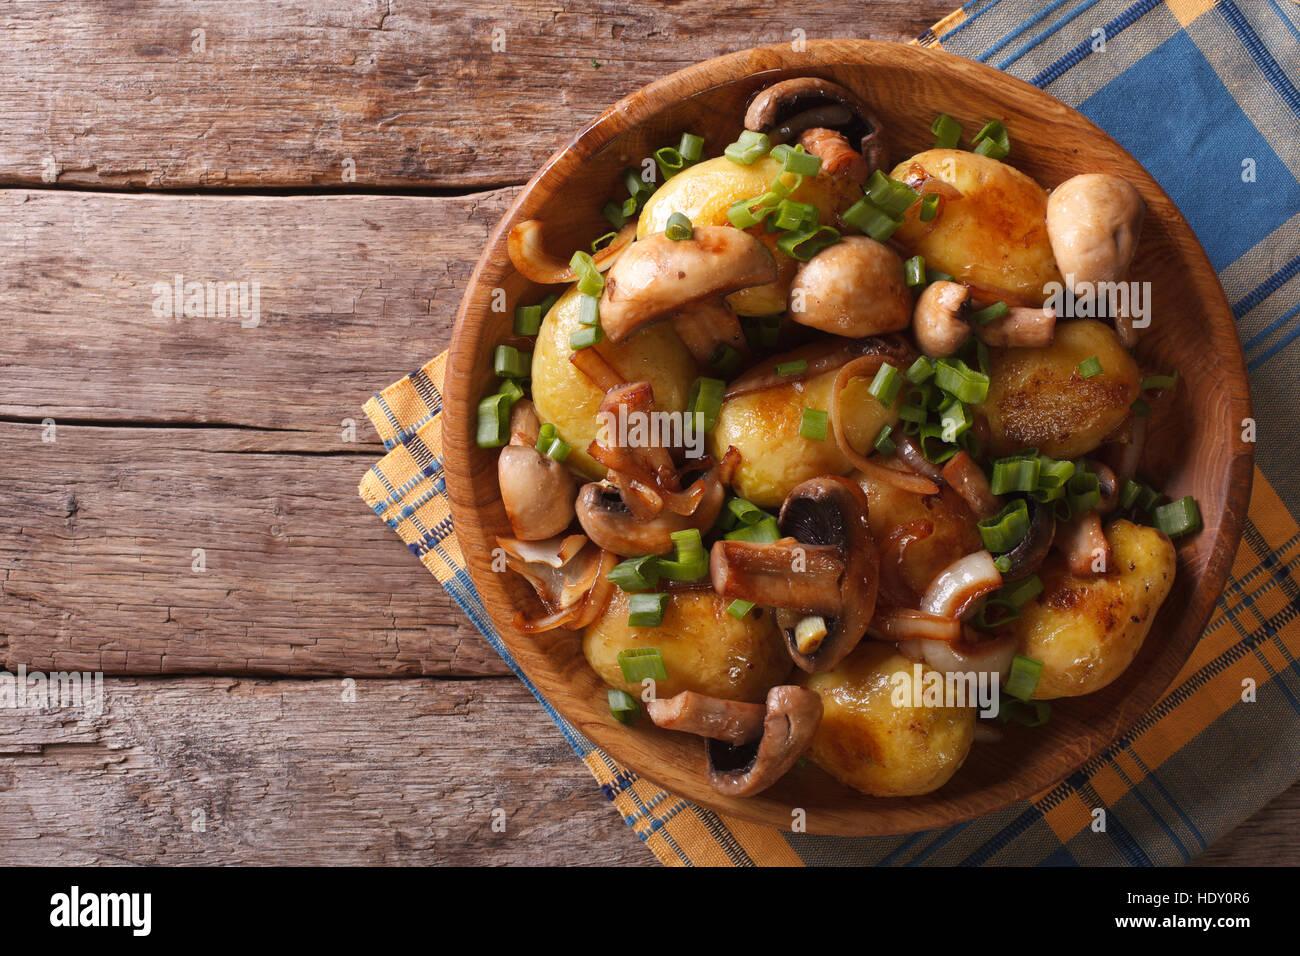 Comida casera: patatas con setas closeup. horizontal vista desde arriba Imagen De Stock